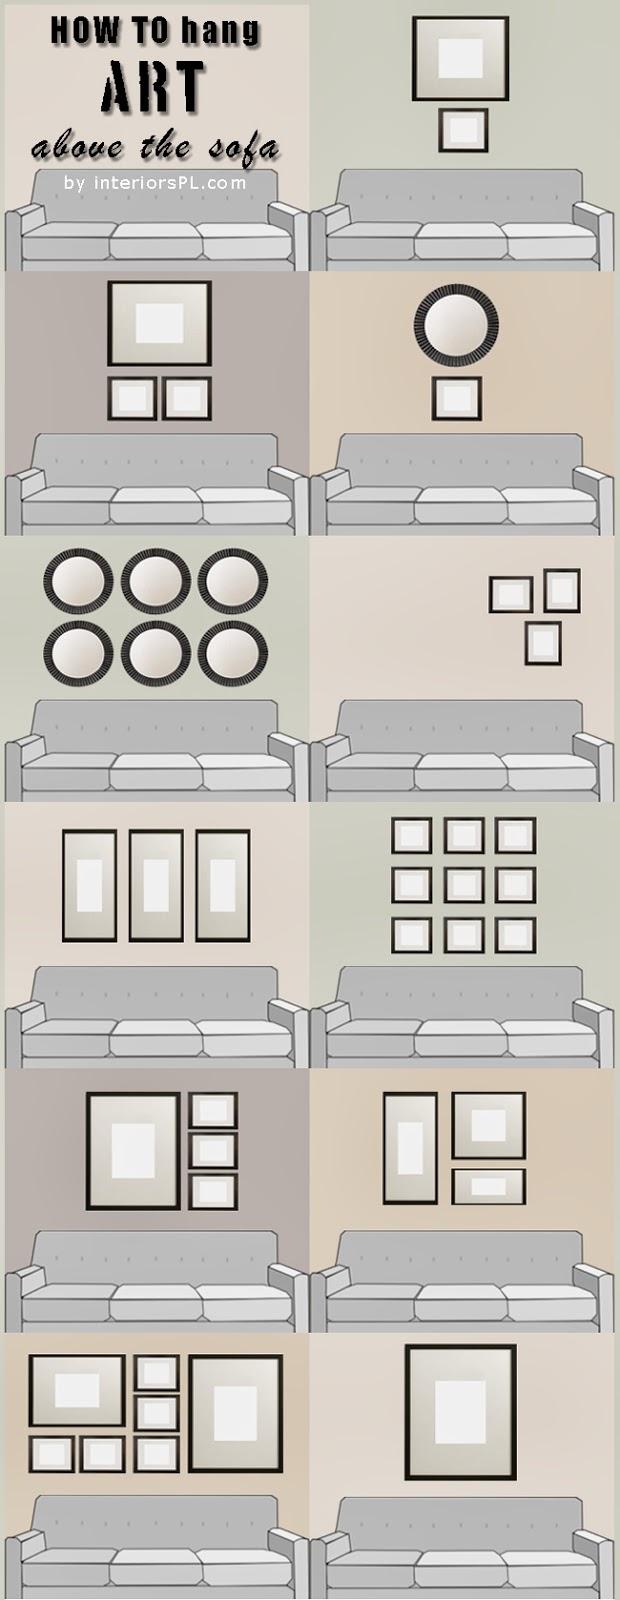 Cara mengatur lukisan di atas sofa